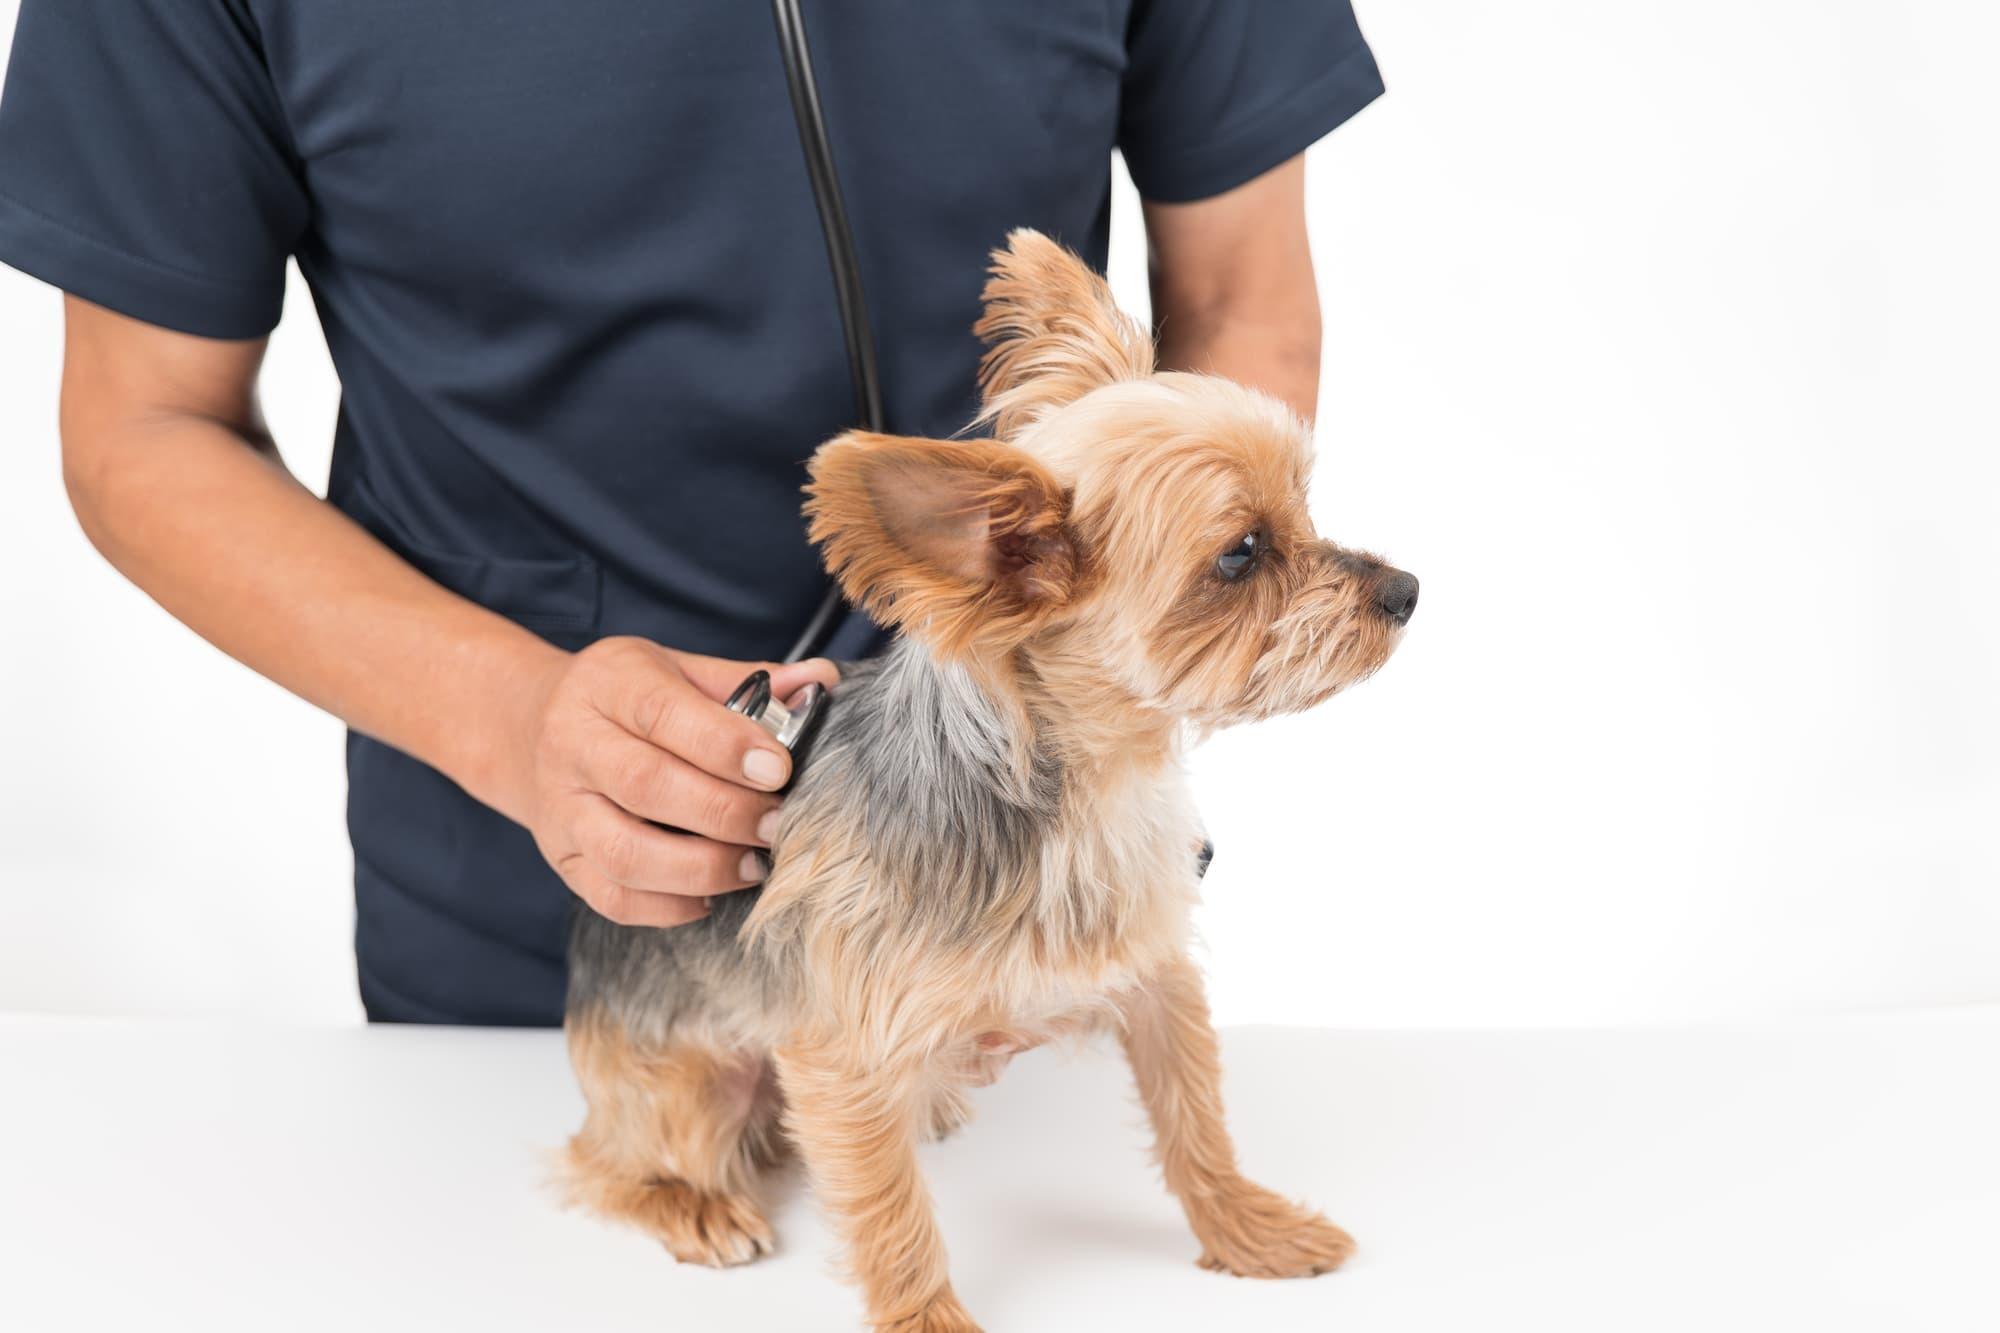 犬の定期検診は何歳から行うべき?頻度は?